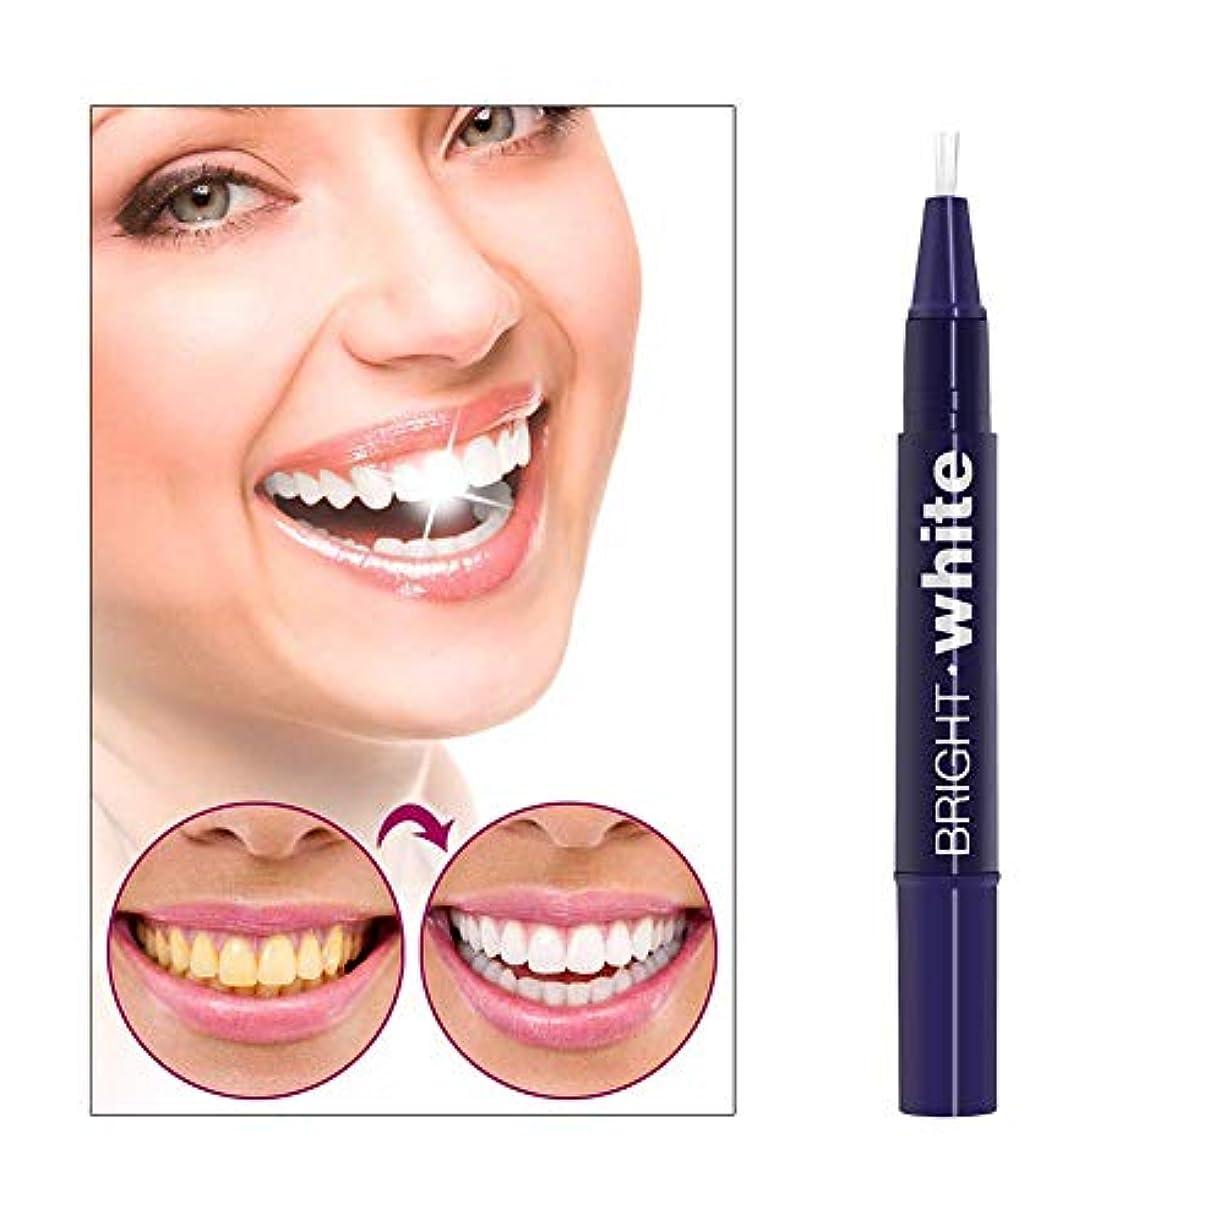 カジュアル苛性連隊Milent 歯 ホワイトニングペン 歯ブラシ 歯を白くするペン 美白歯ゲル ステイン消し 輝く笑顔 口臭防止 歯周病防止 携帯便利 1本 (1pcs)2.5ml